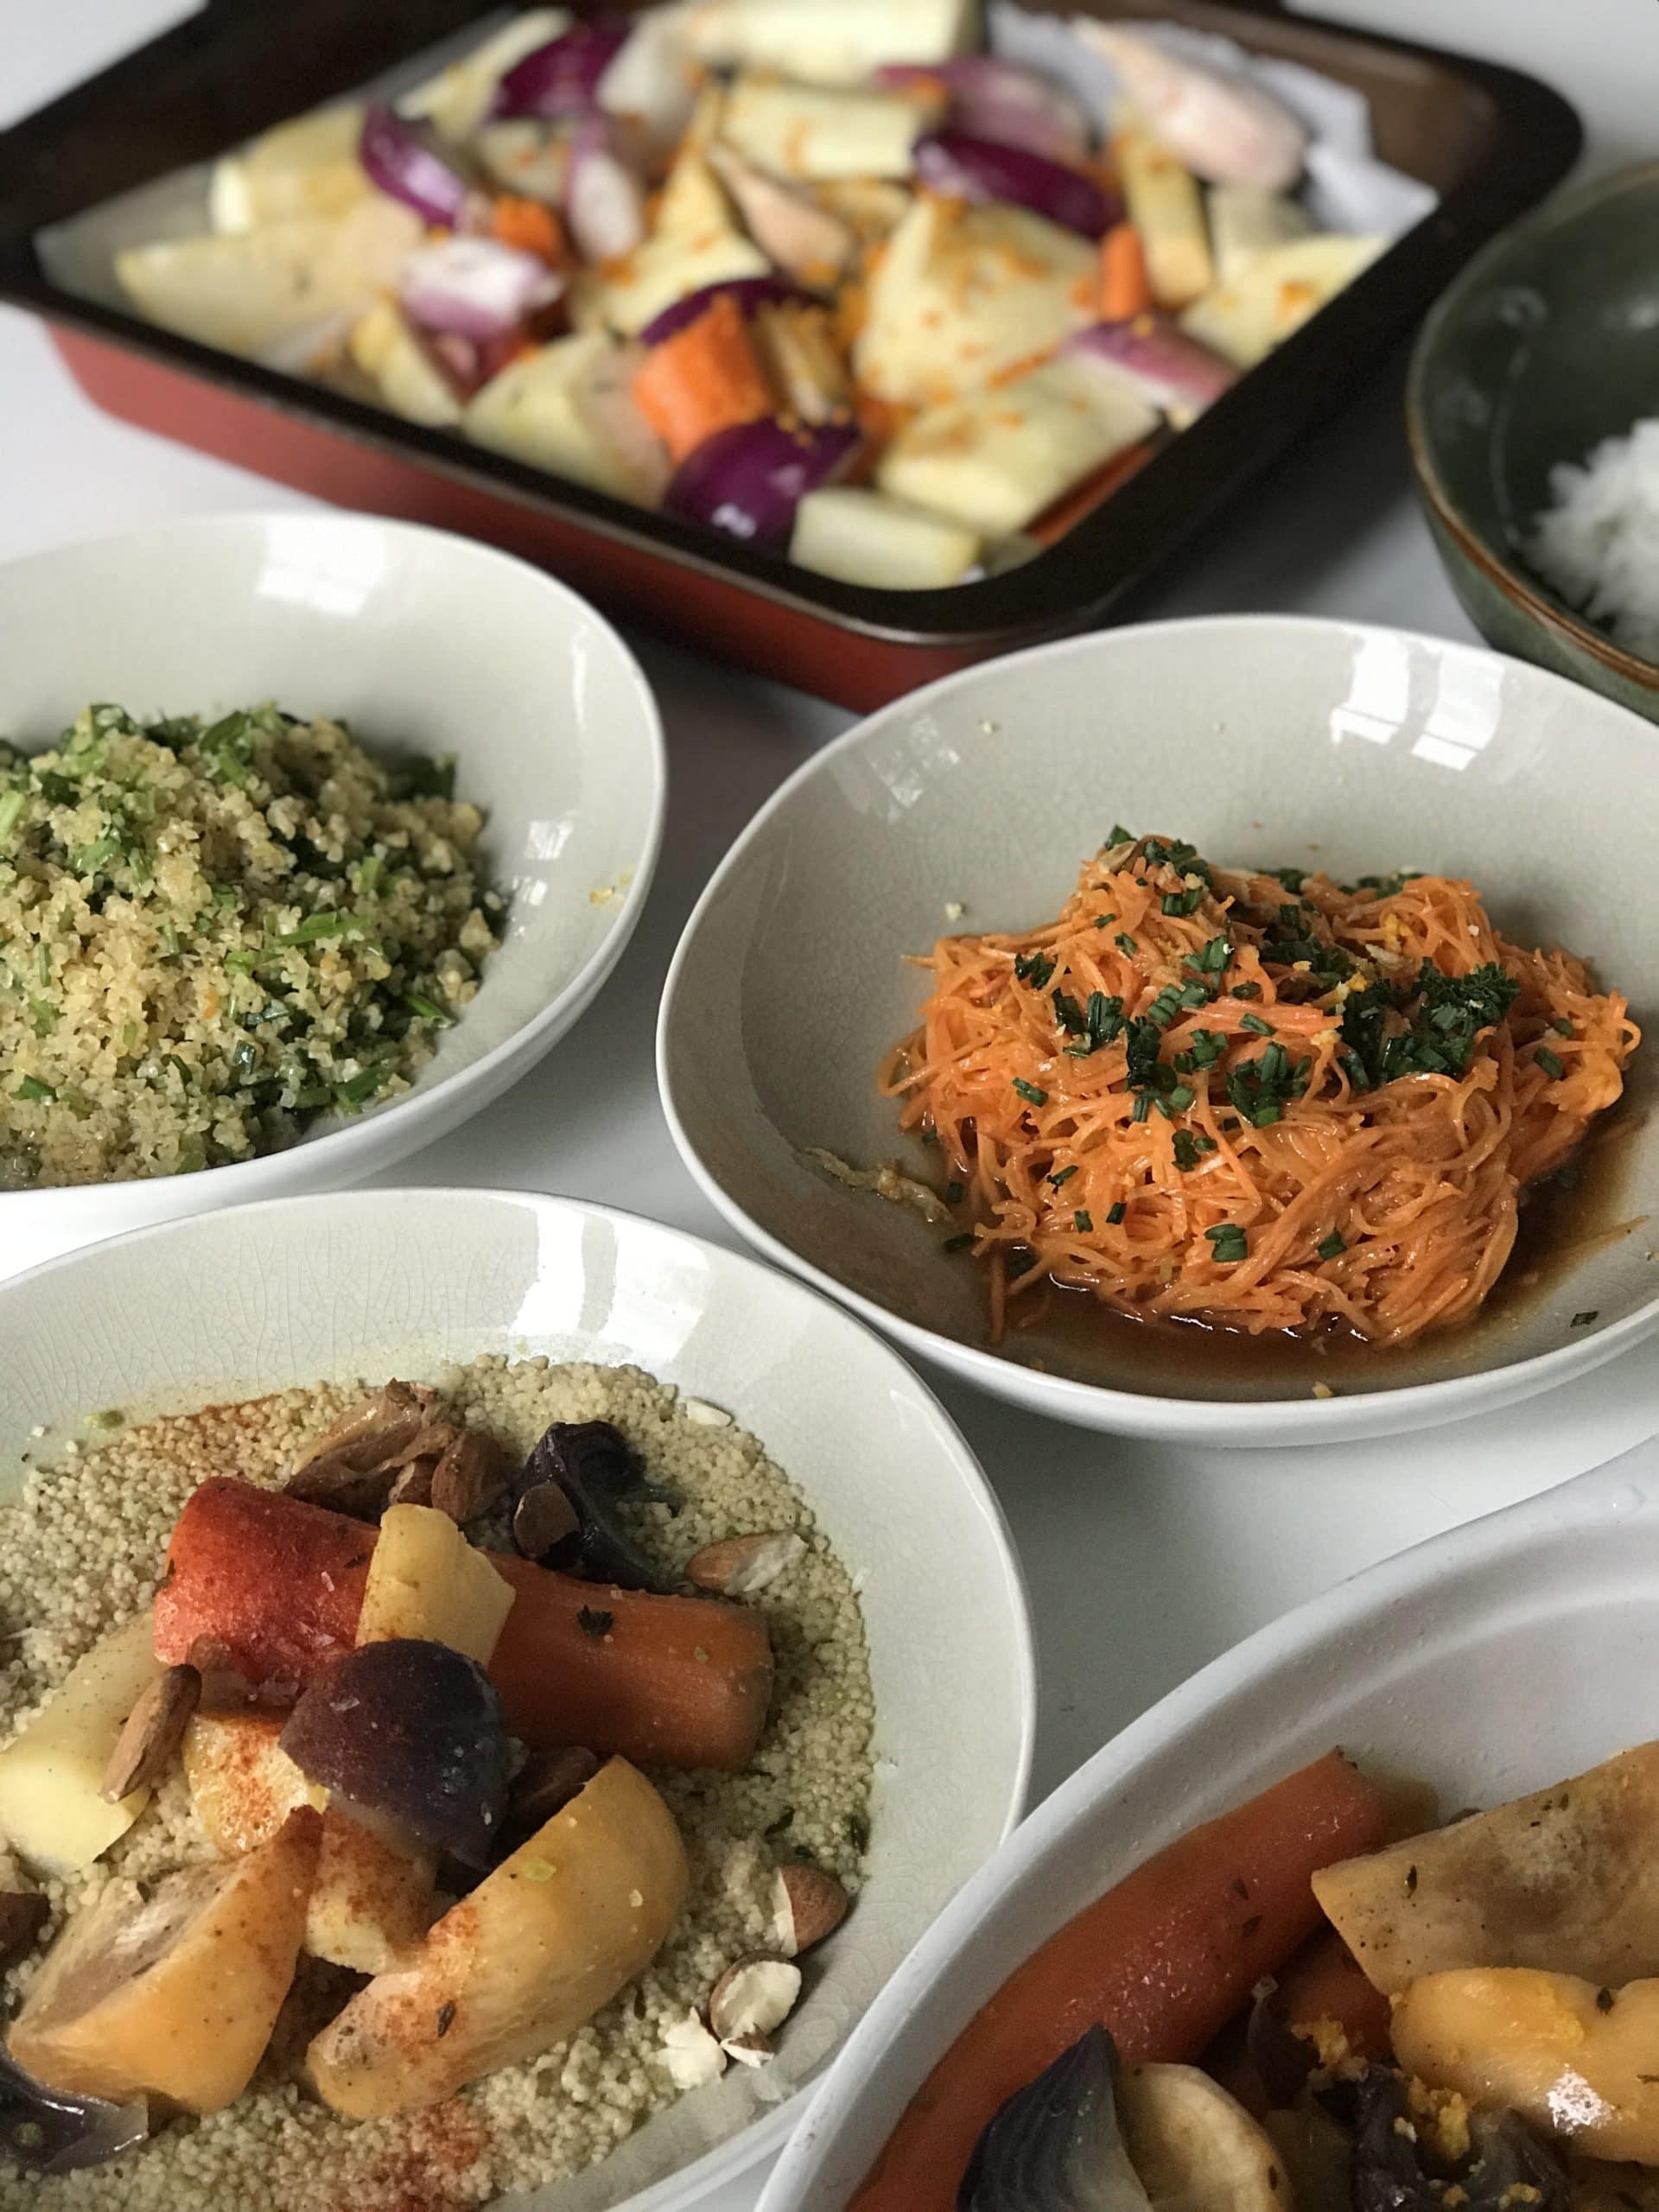 plats-colorés-posés-sur-une-table